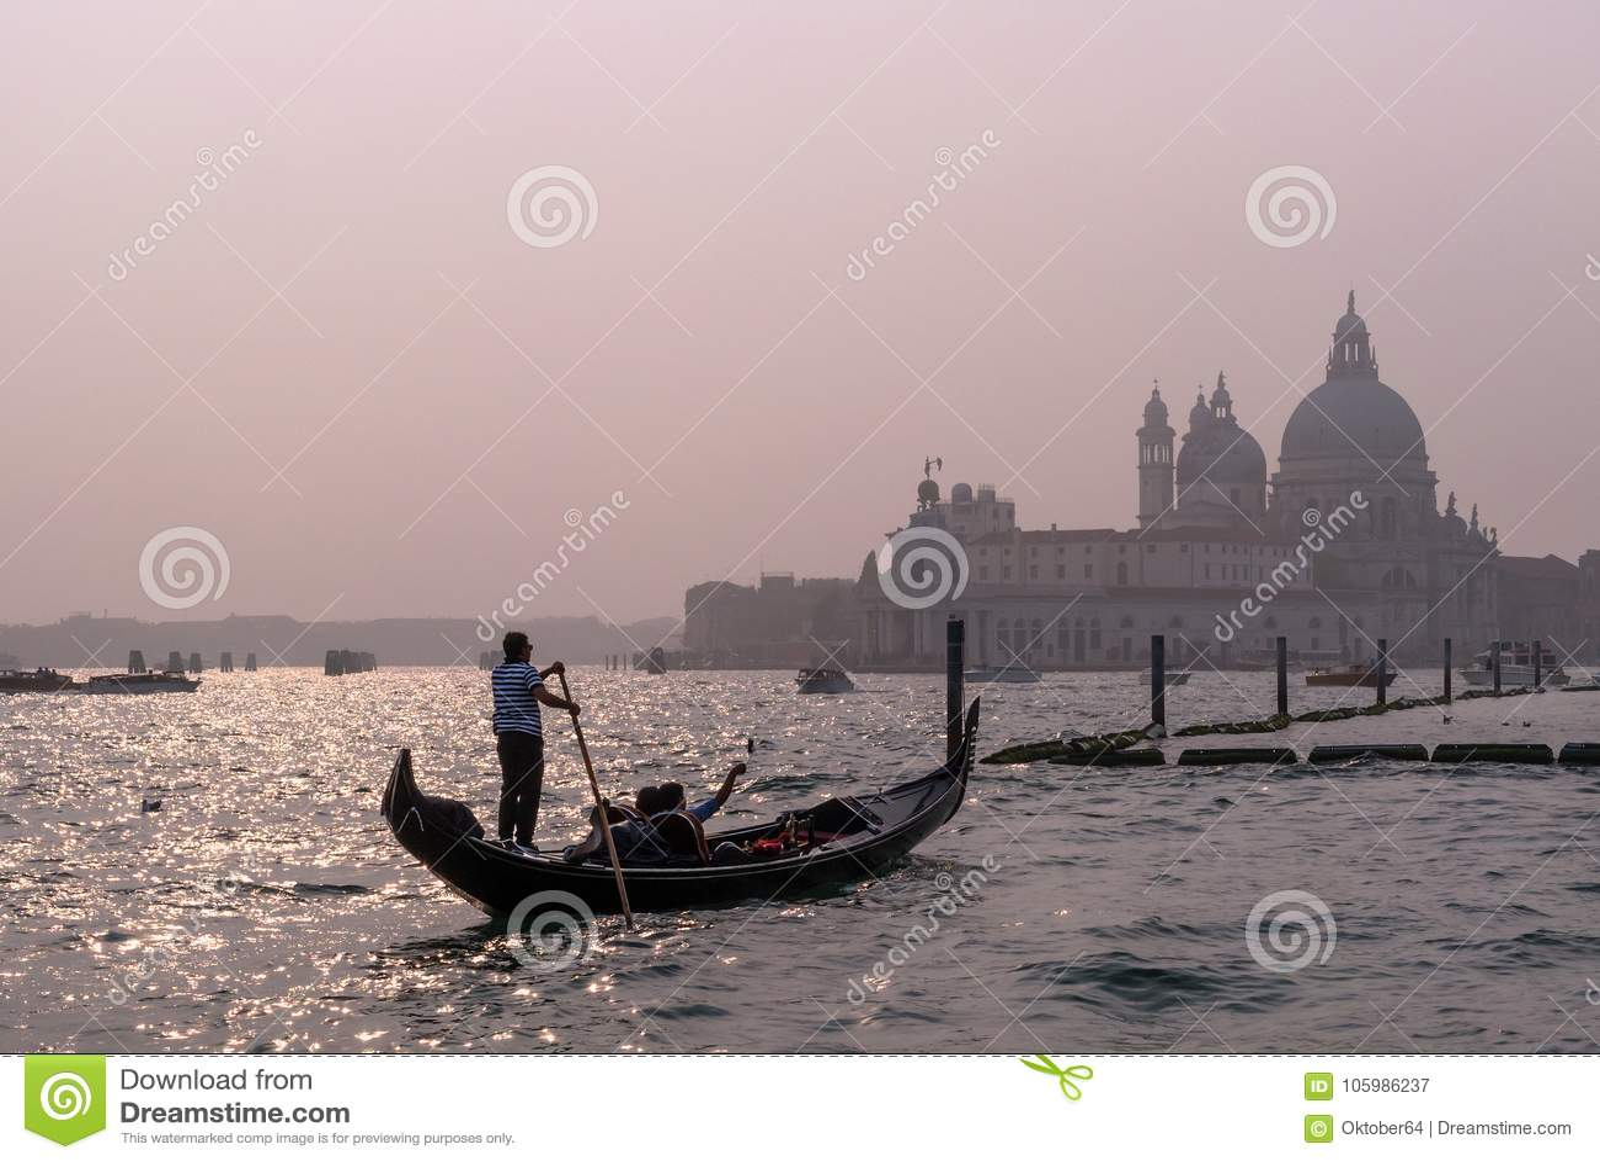 Venetië, Italië - Oktober 13, 2017: De gondelier stelt een gondel met toeristen in de wateren van het Kanaal Grande in in werking